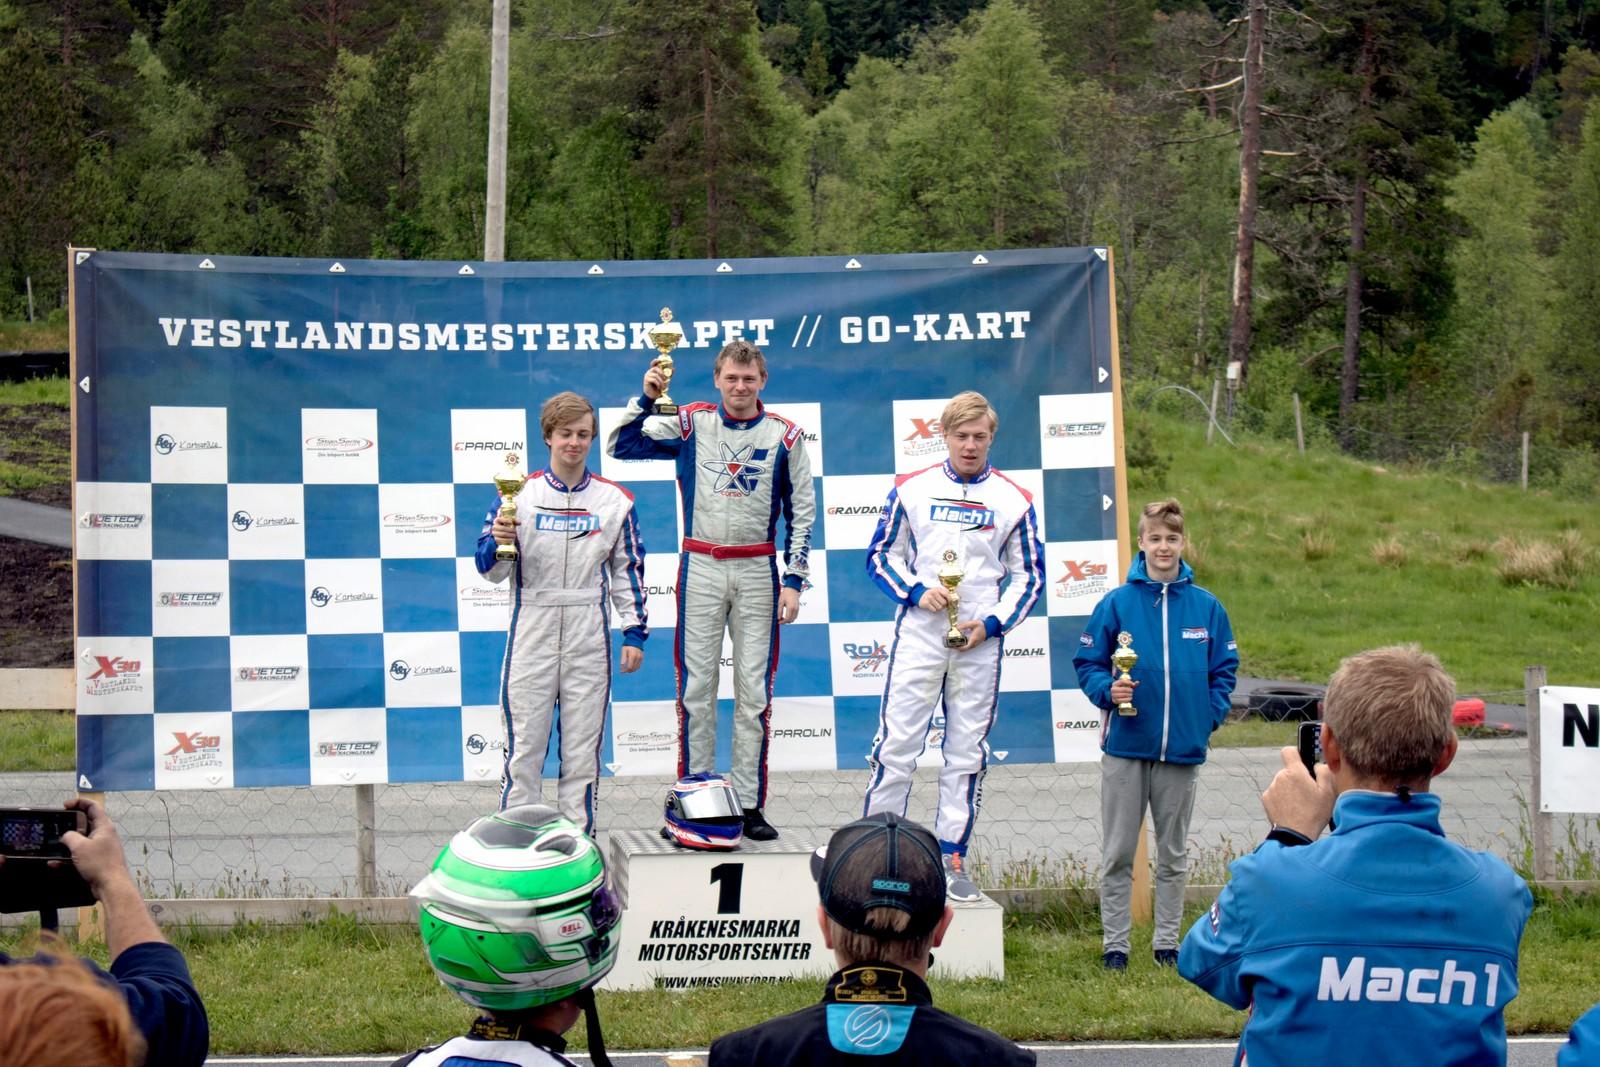 SIGER: Tore Valvik (i midten), som ikkje hadde køyrt sidan september, stakk av med sigeren i den største klassa, 125 kubikk. På plassen bak kom Lars Angeltveit og Marius Hammersmark.